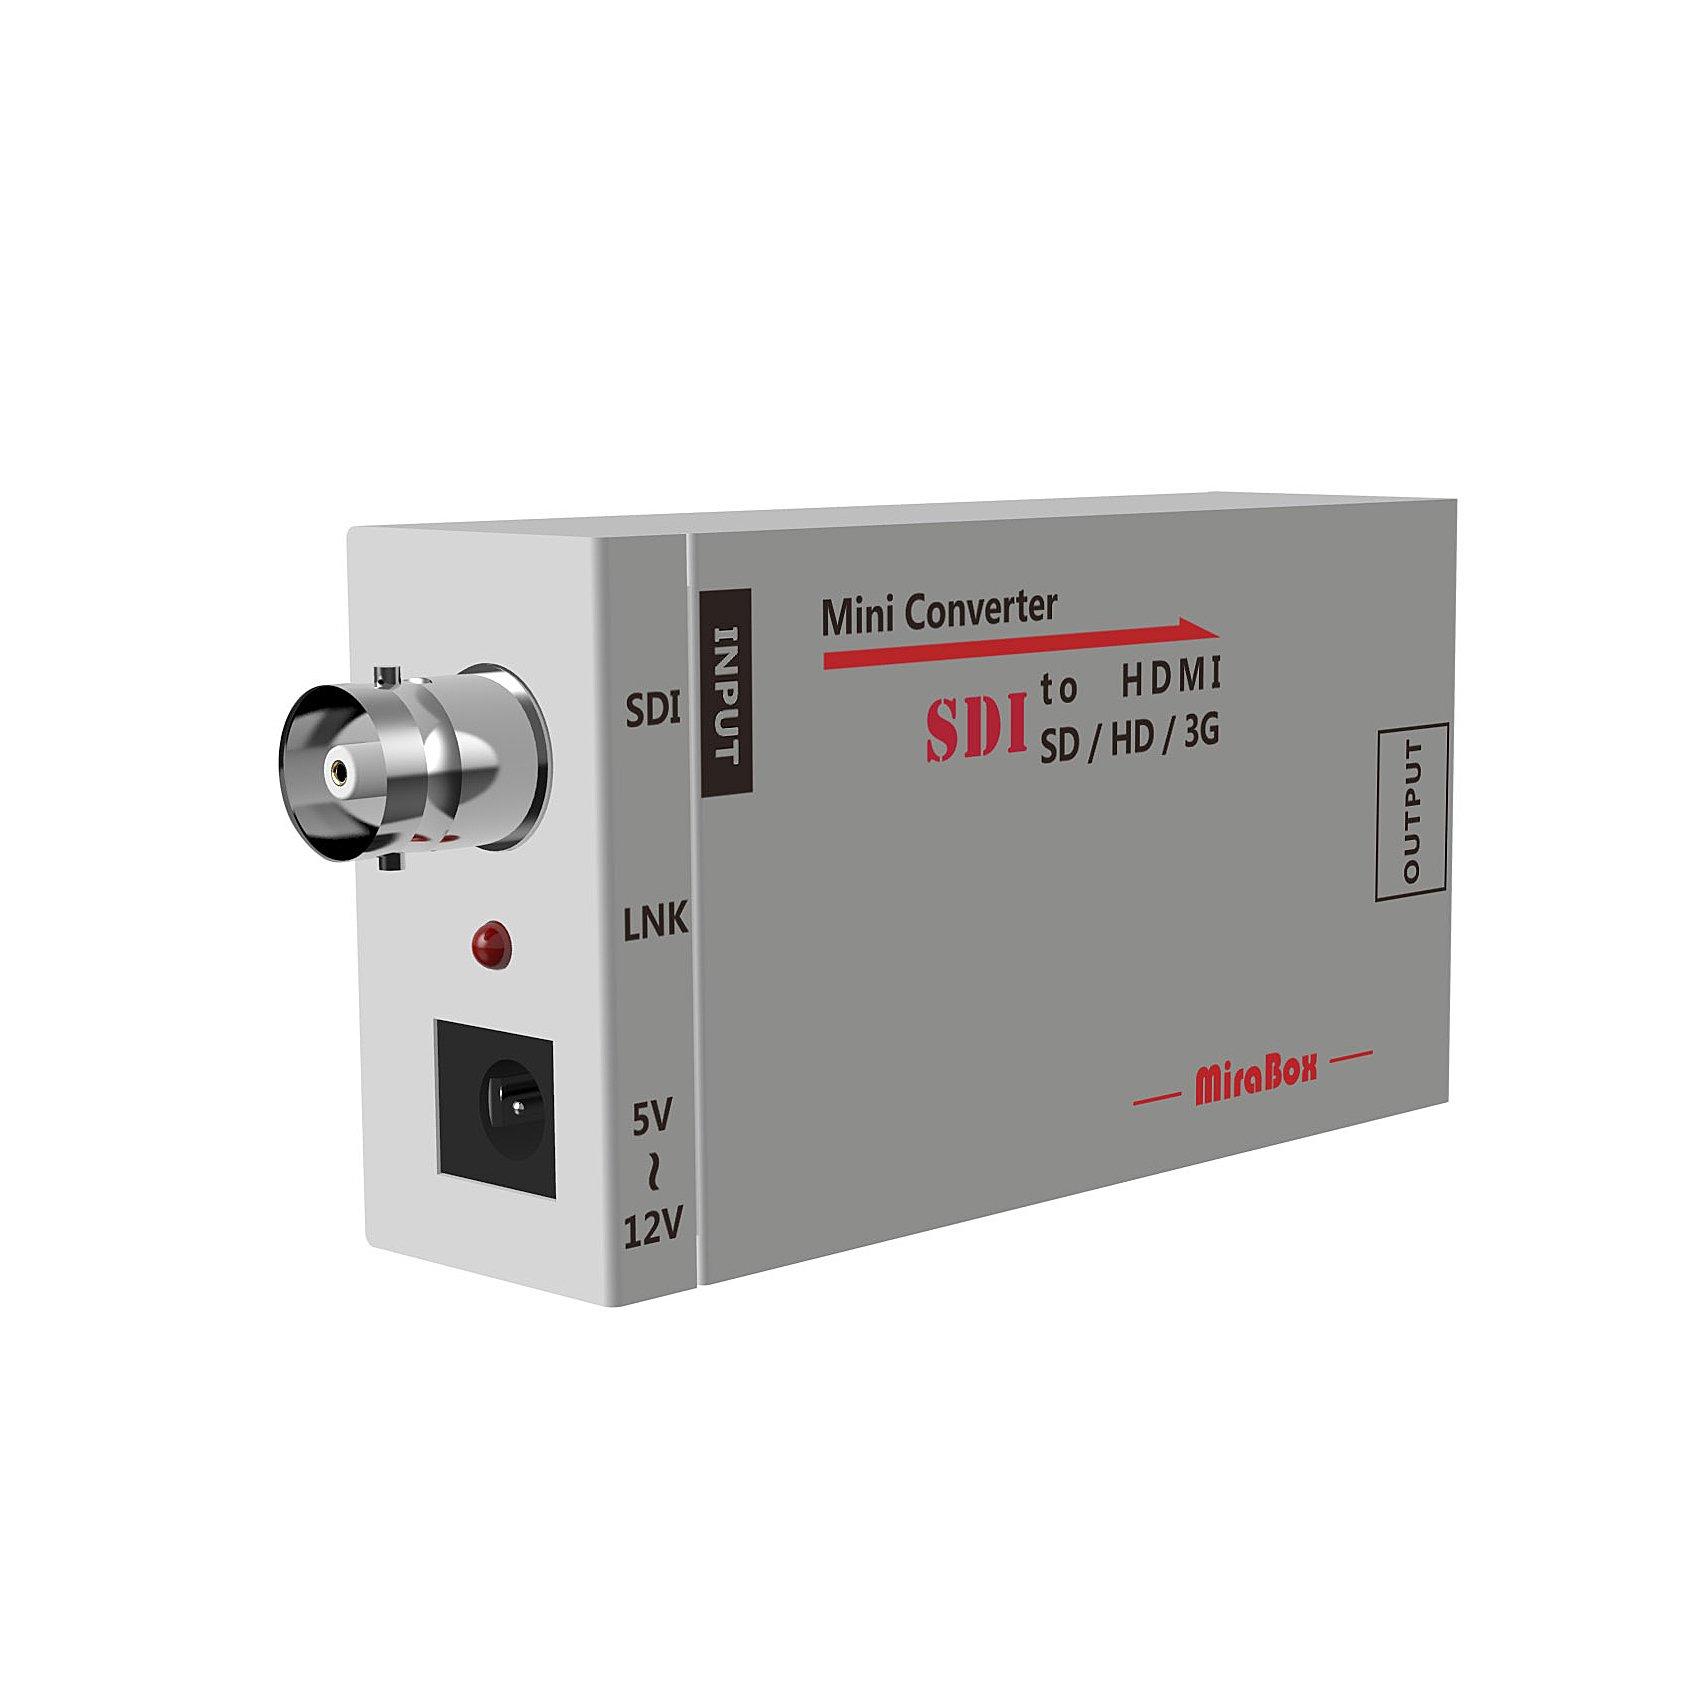 Basicolor SDI to HDMI Converter Mini 3G SDI HDMI Adapter Support Full HD 1080p SD-SDI/HD-SDI/3G-SDI BNC to HDMI Adapter Mini HD Video Converter (Grey) by Basicolor